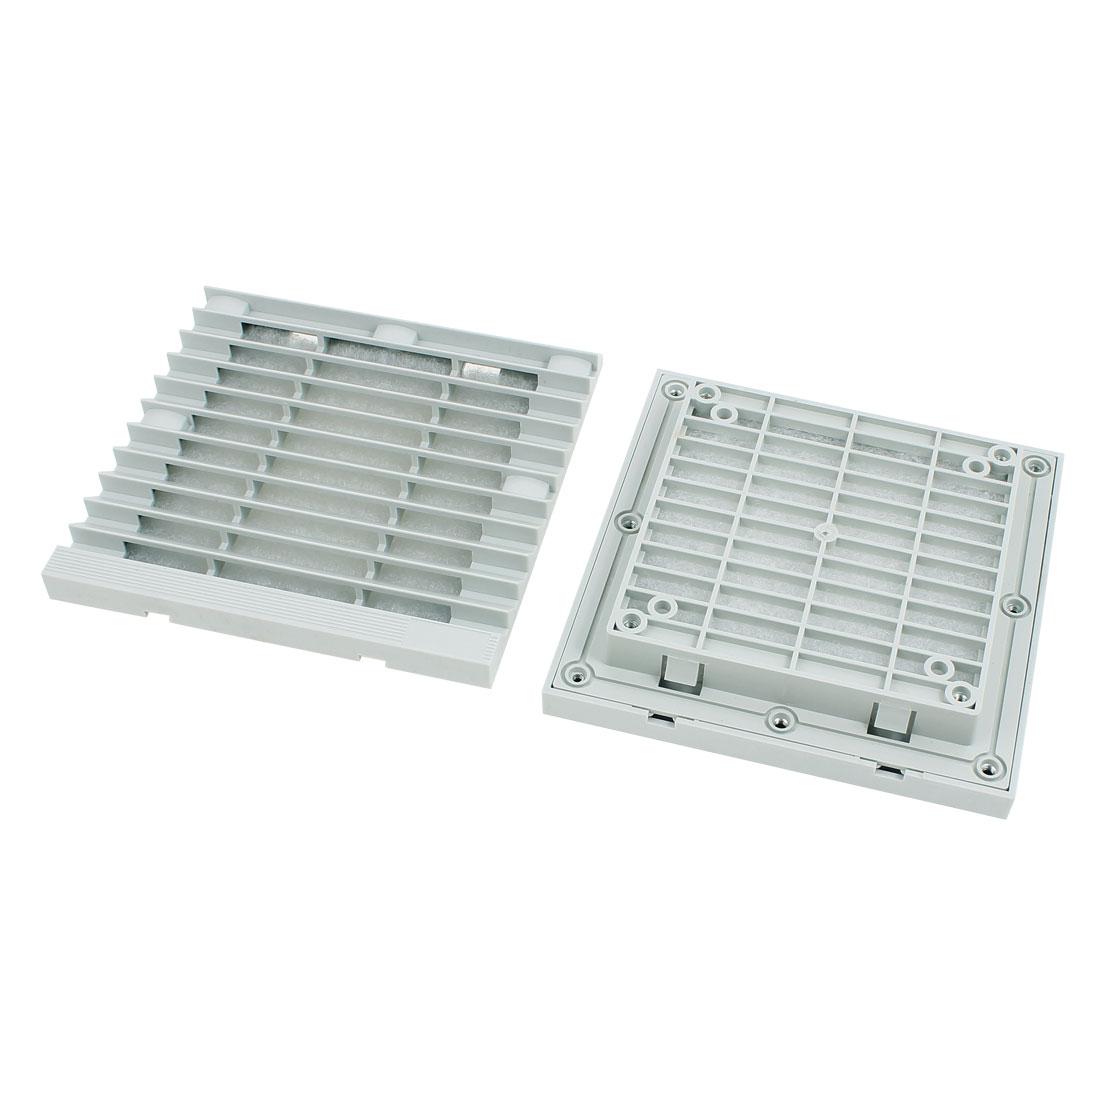 2pcs 148.5mm x 148.5mm Plastic Cabinet Washable Axial Flow Fan Foam Dust Filter